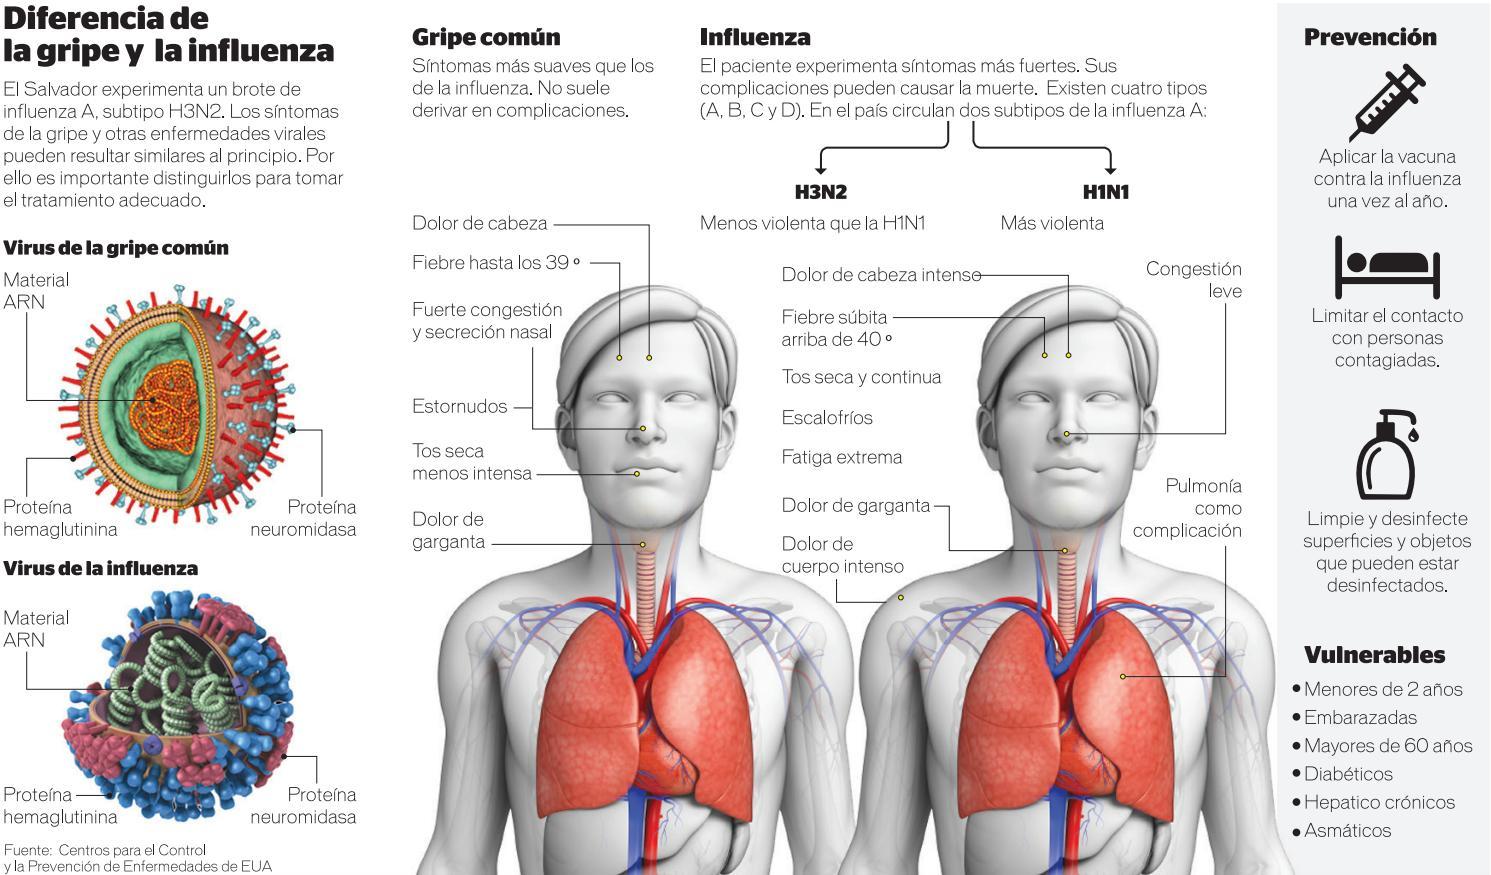 Dolor de cuerpo dolor de cabeza fatiga extrema